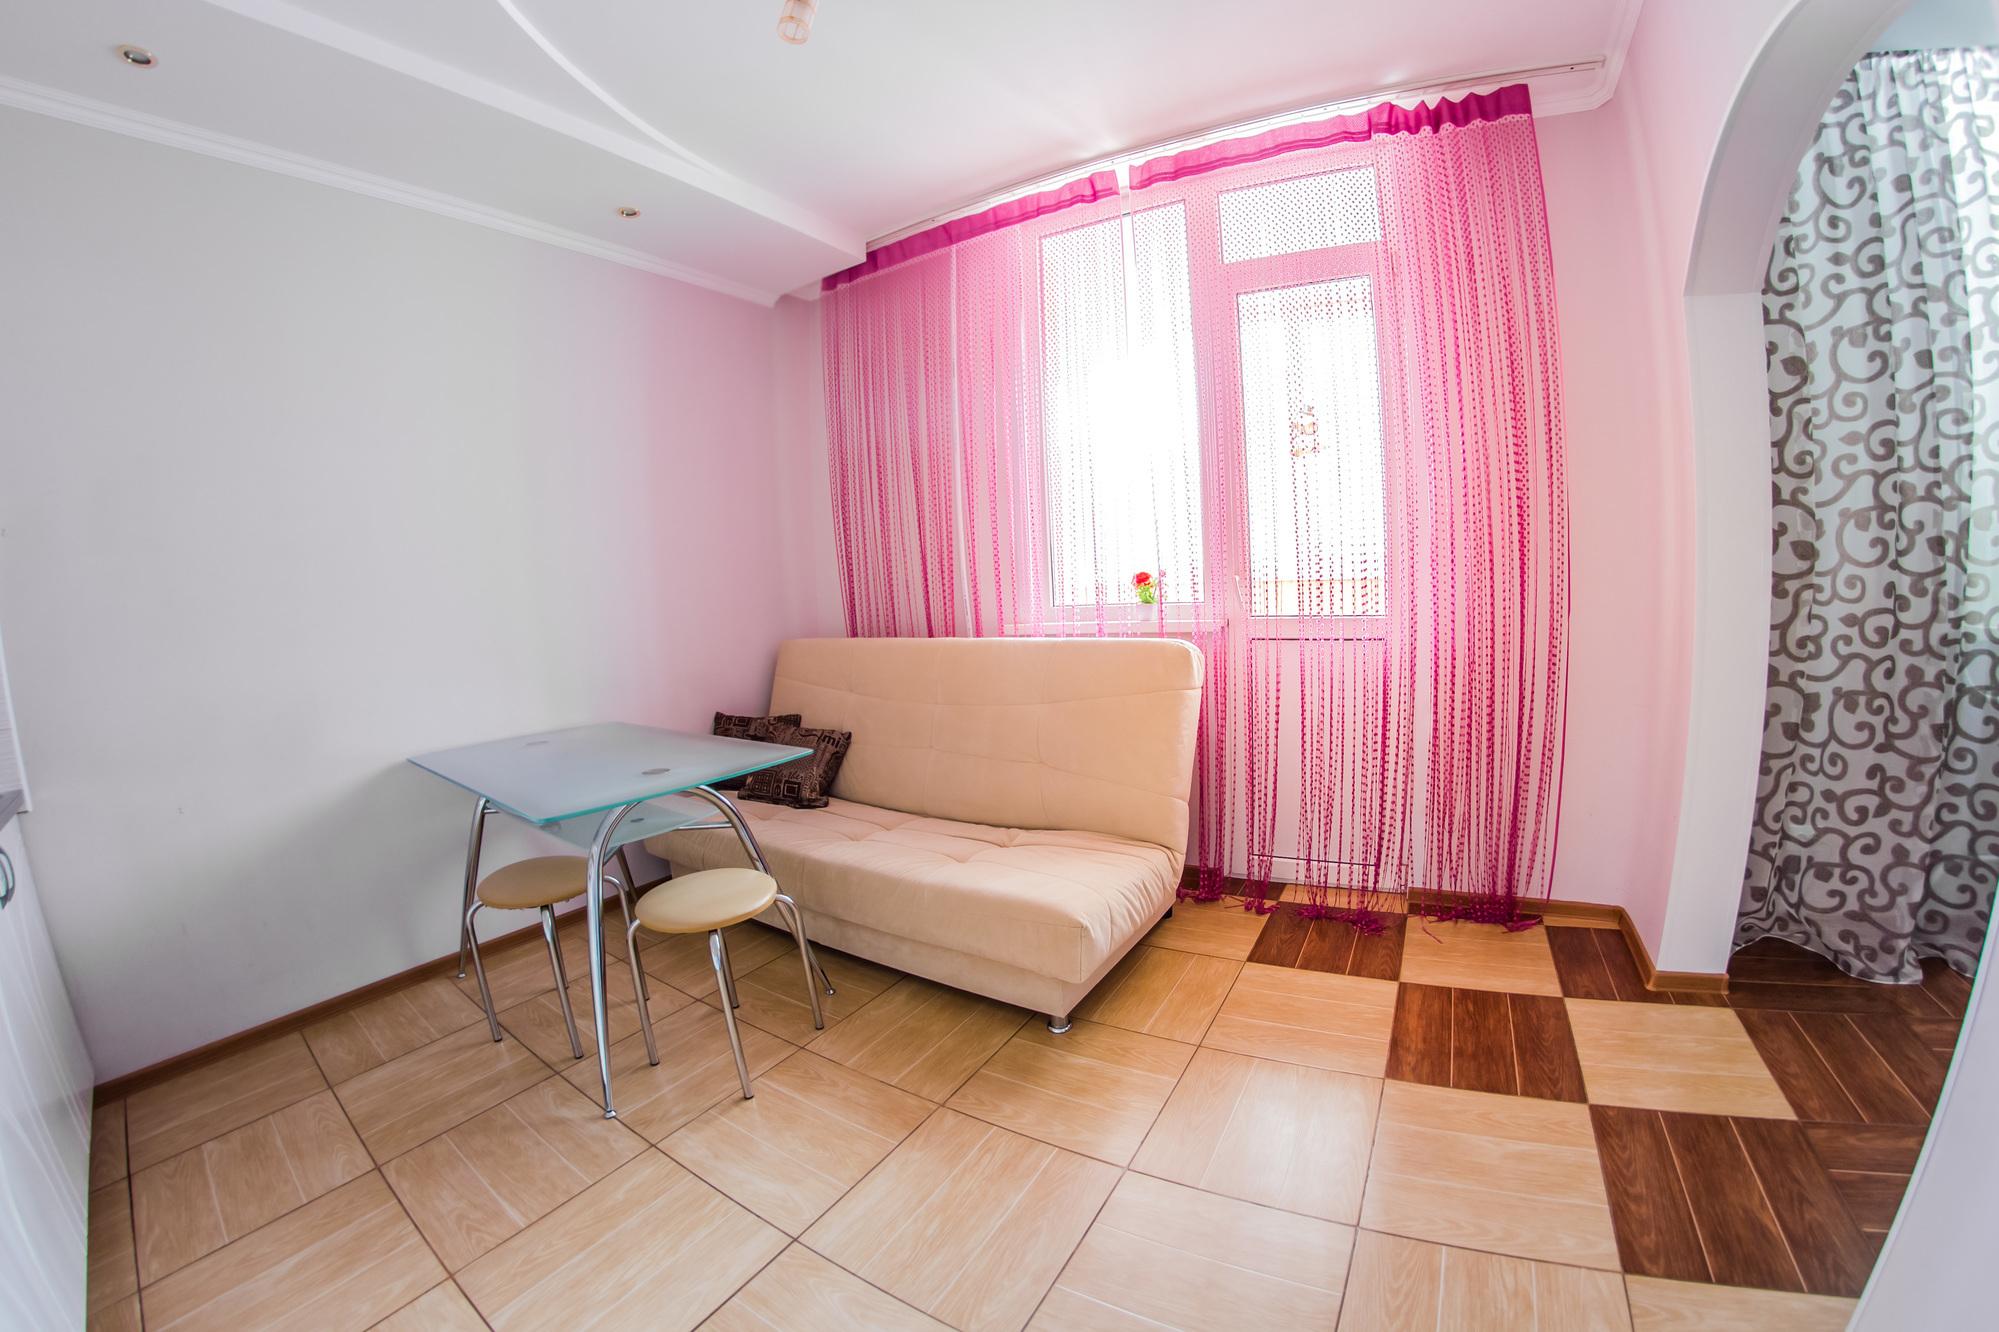 Оренбург: квартиры в г, Оренбург на сутки цена 1500 р., объявления ...